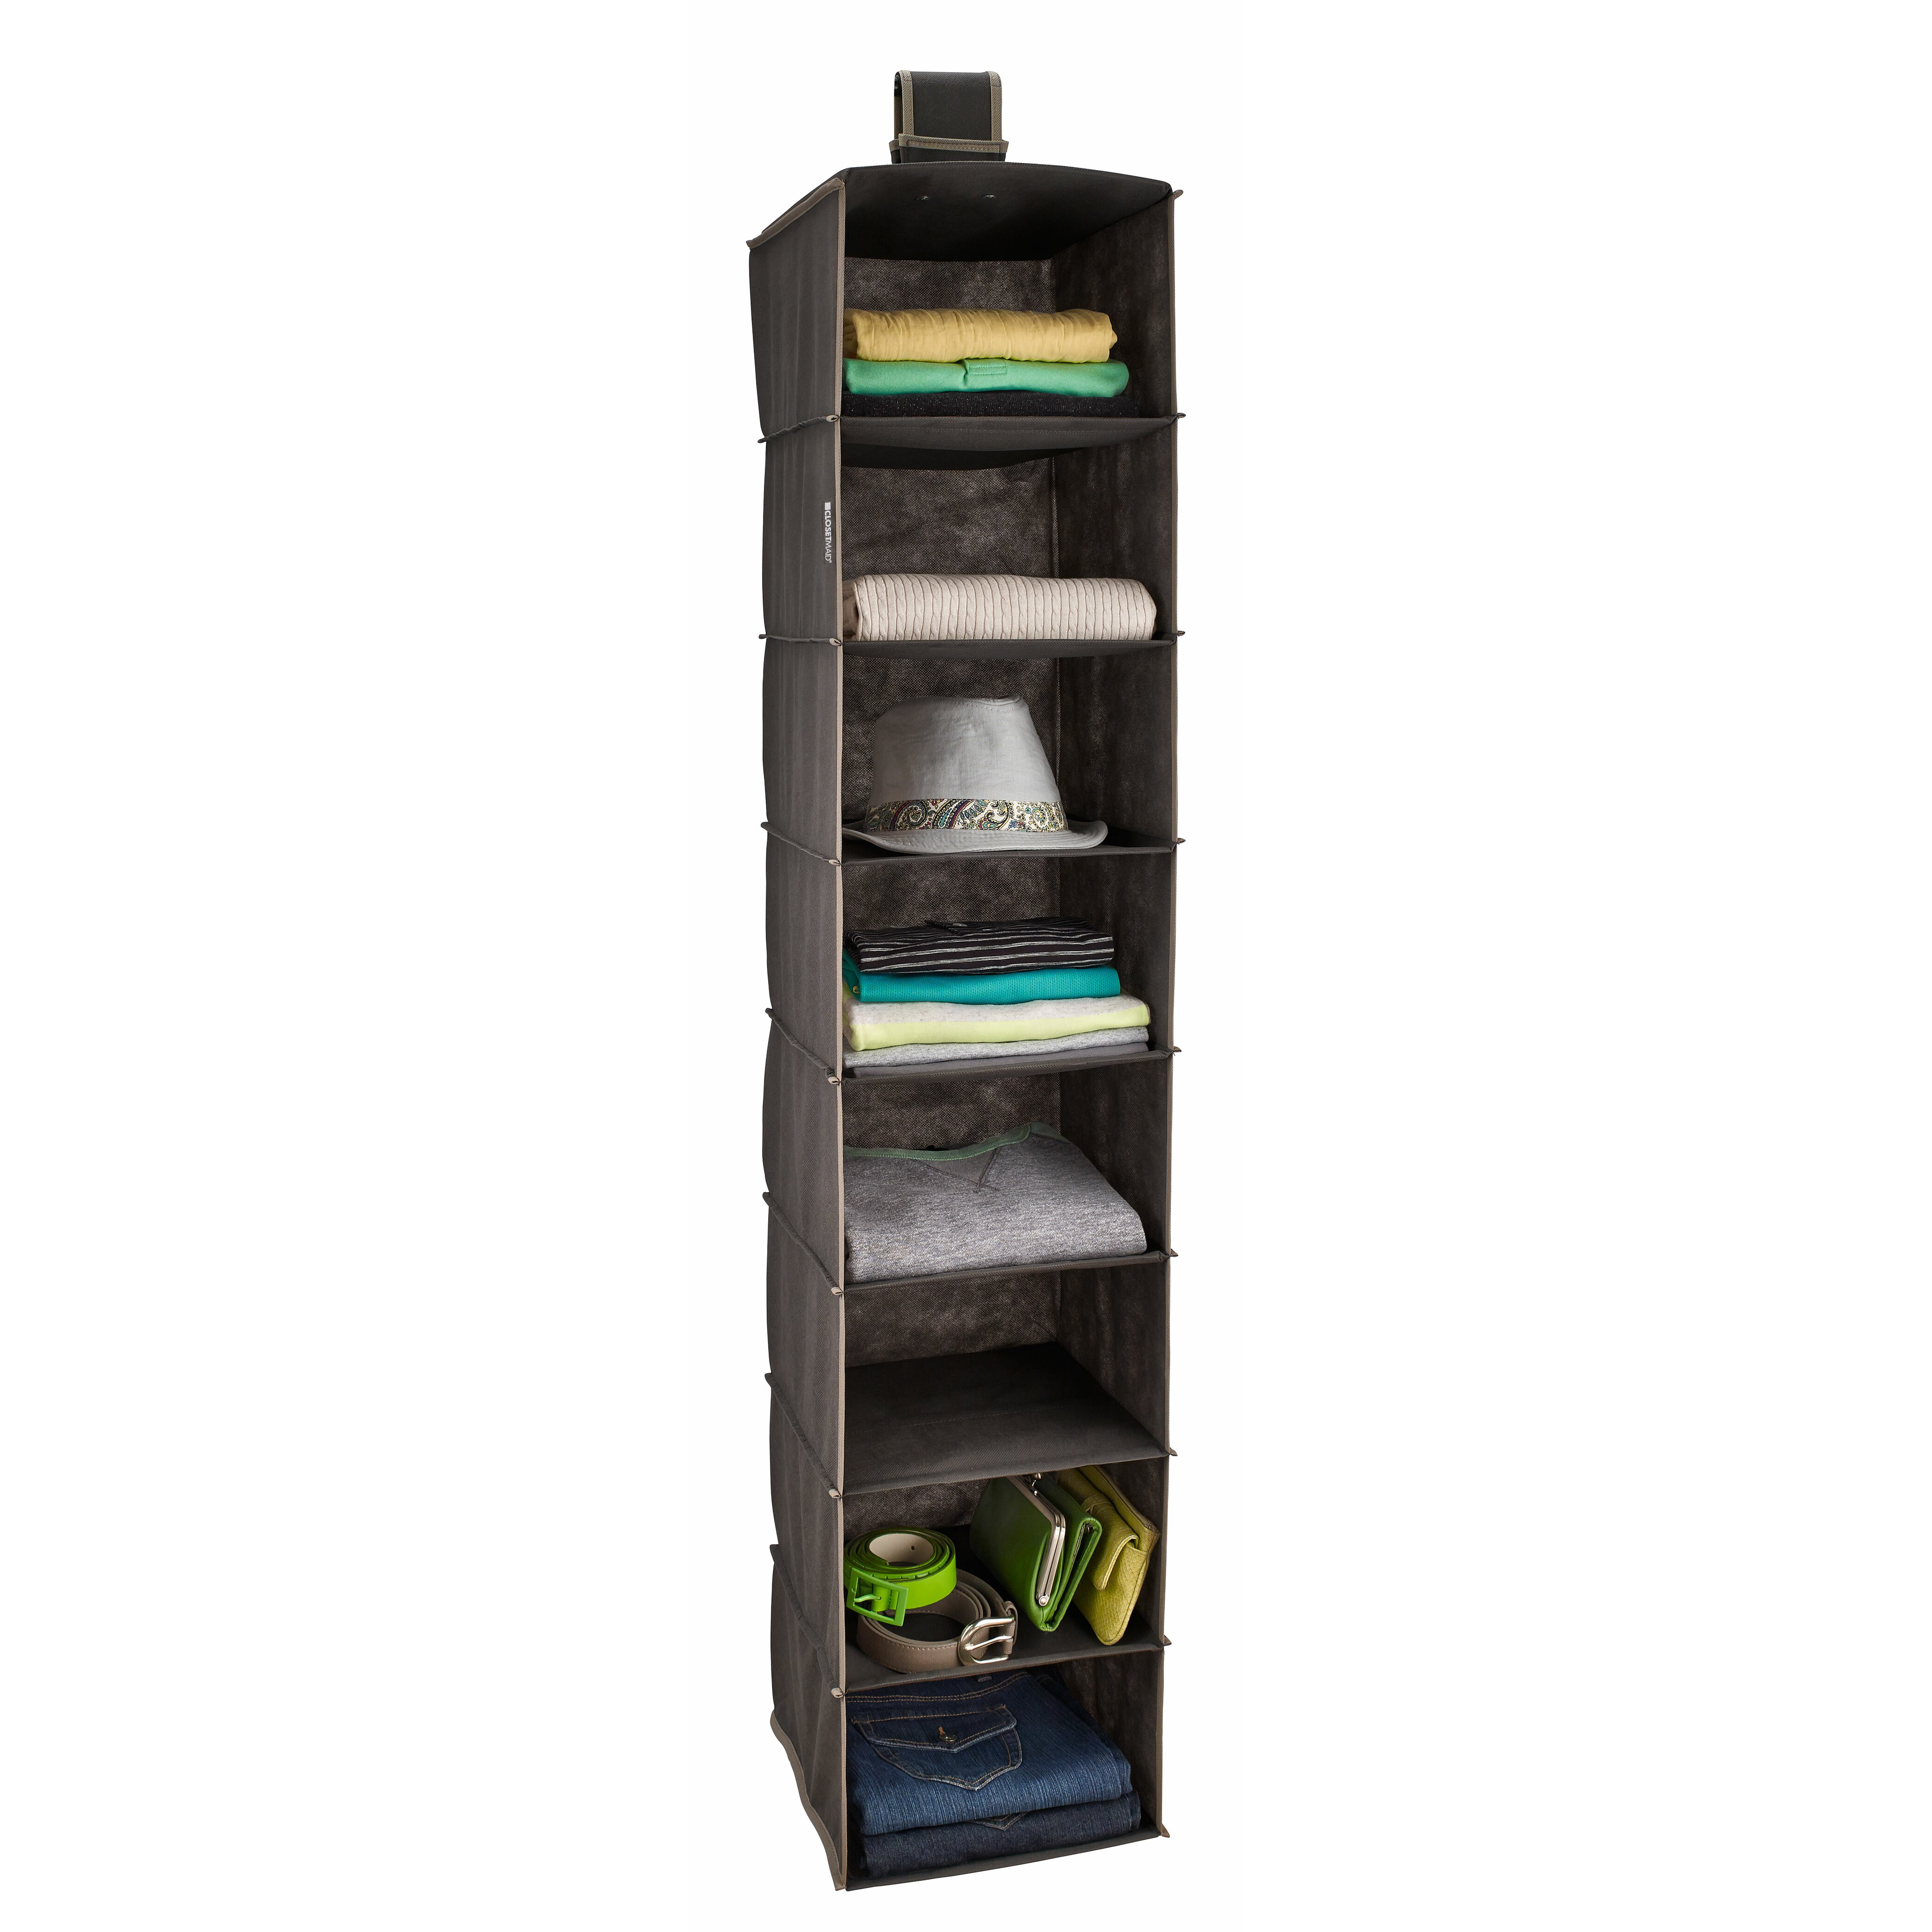 Closetmaid 8 shelf closet hanging organizer reviews for The closet organizer